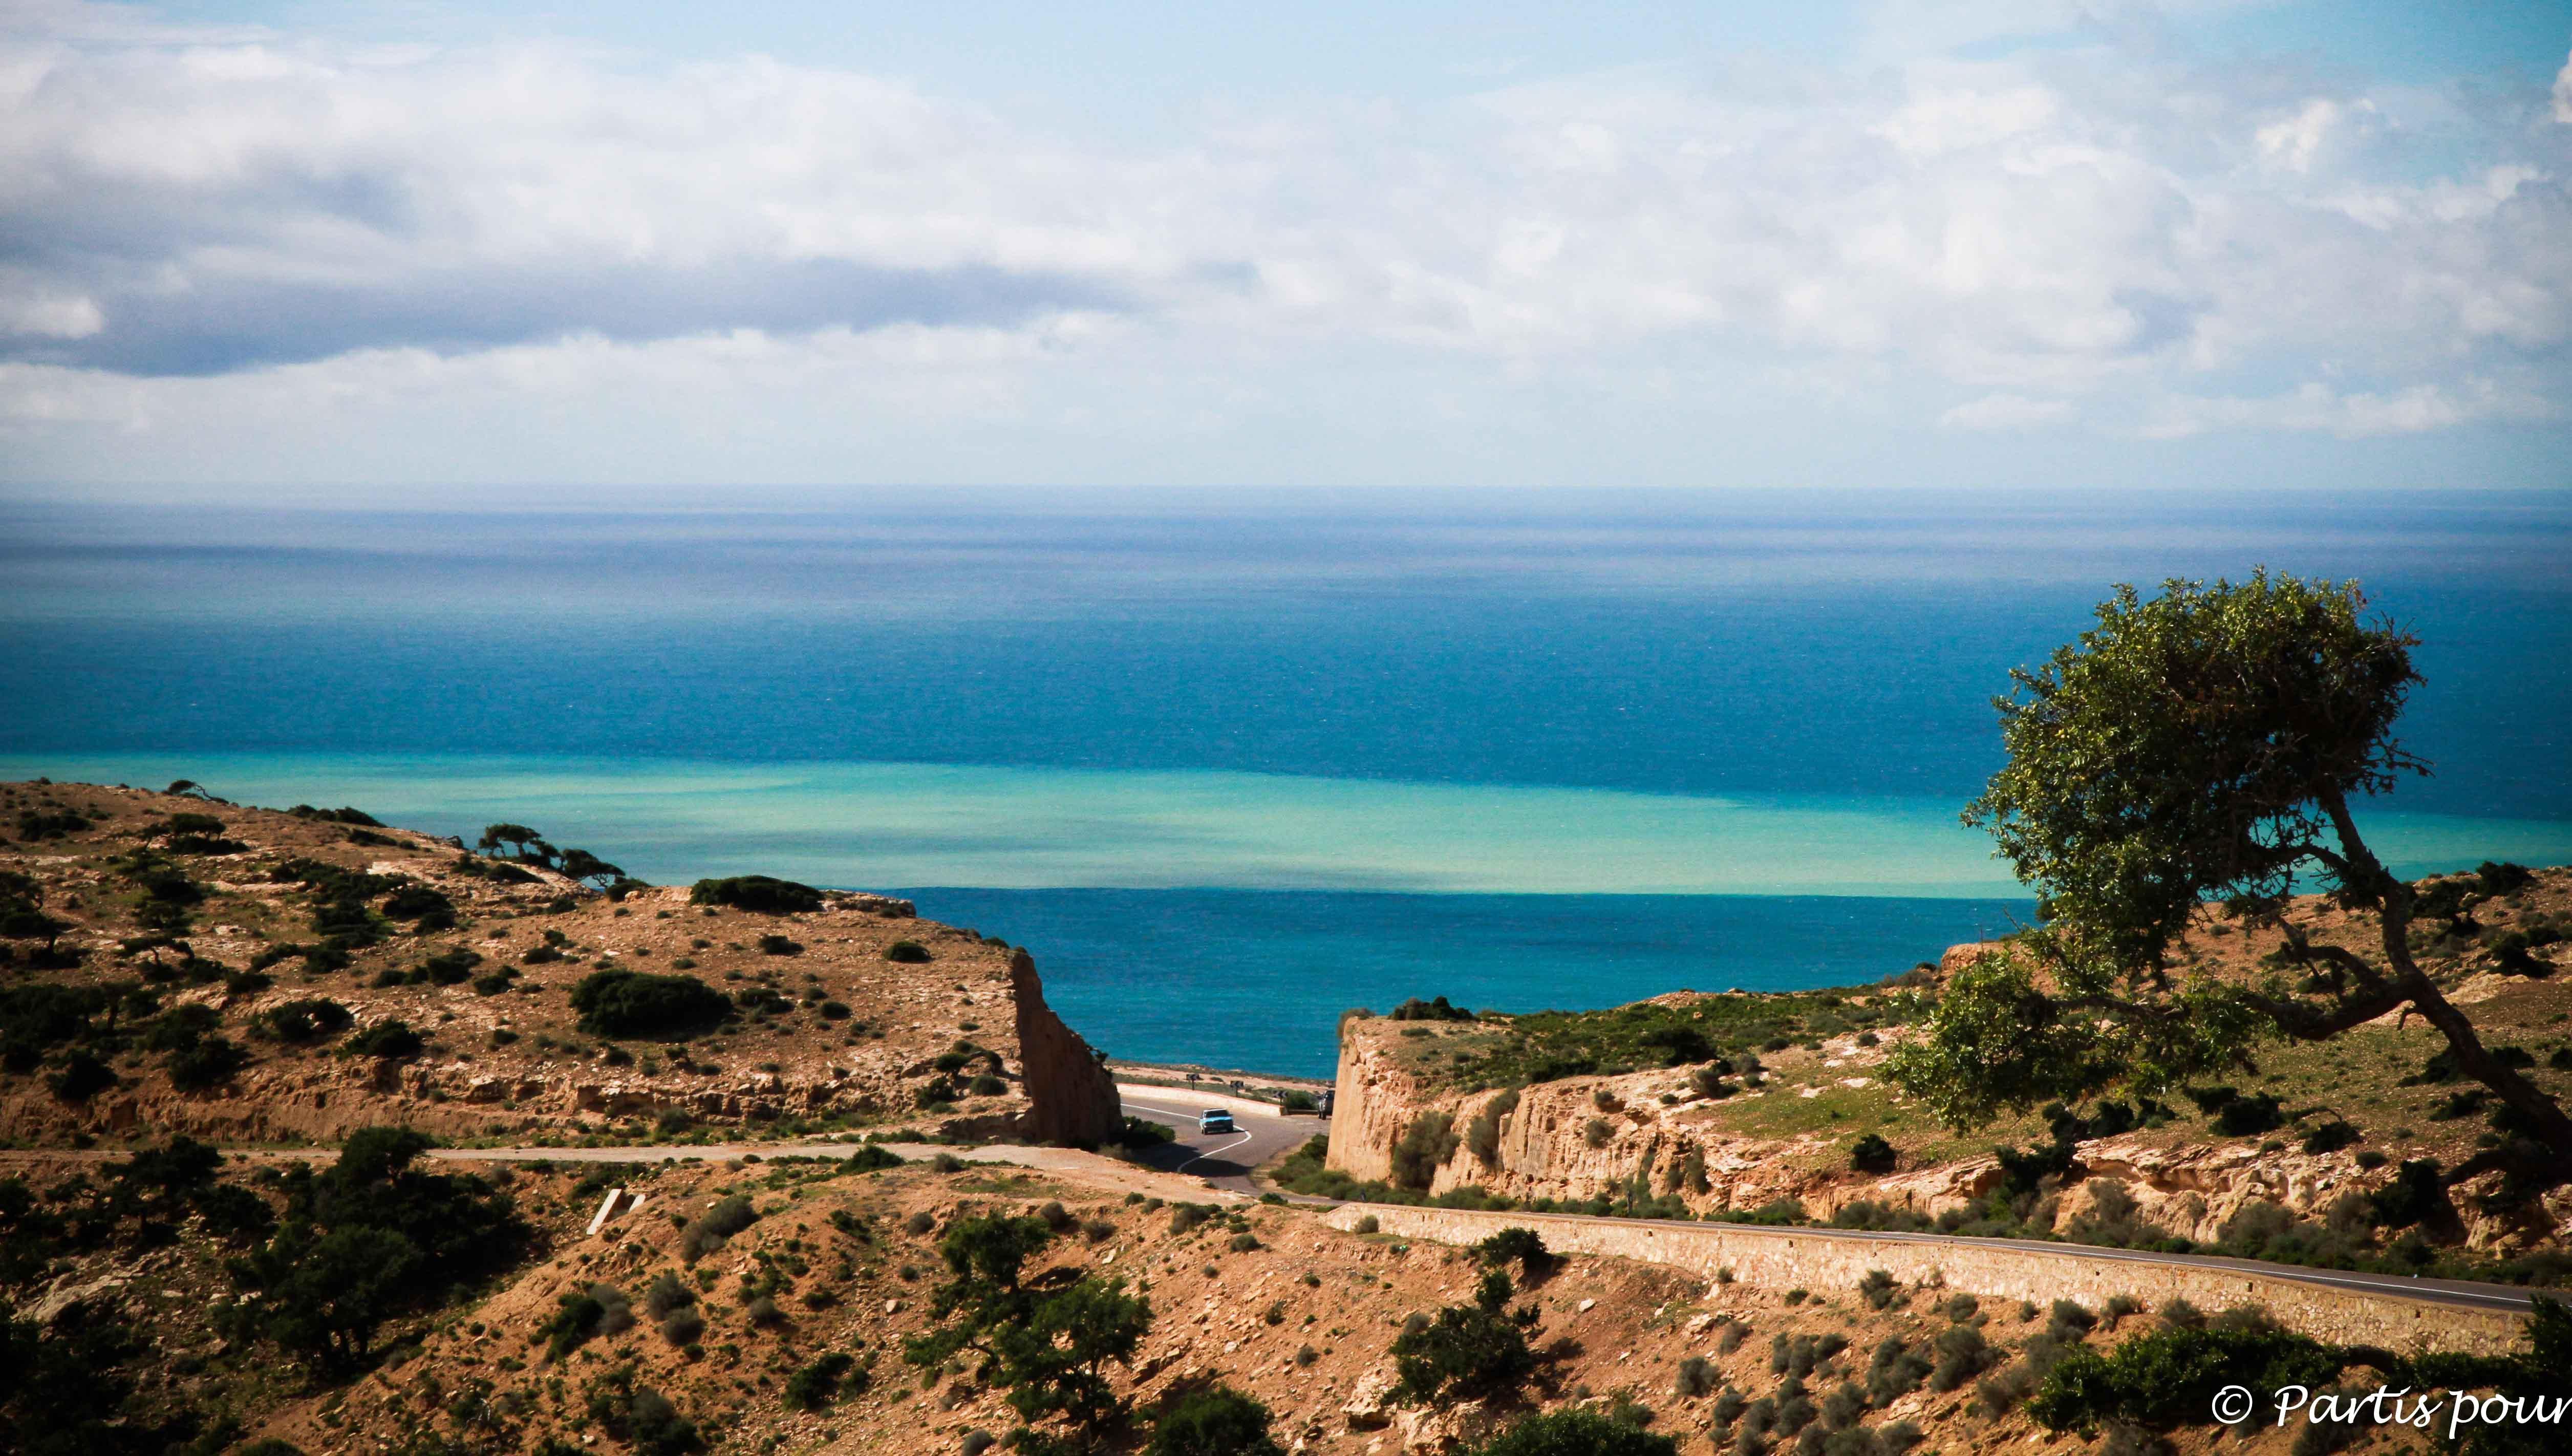 Une photo, une histoire #6 : Sur la route vers Agadir, Maroc